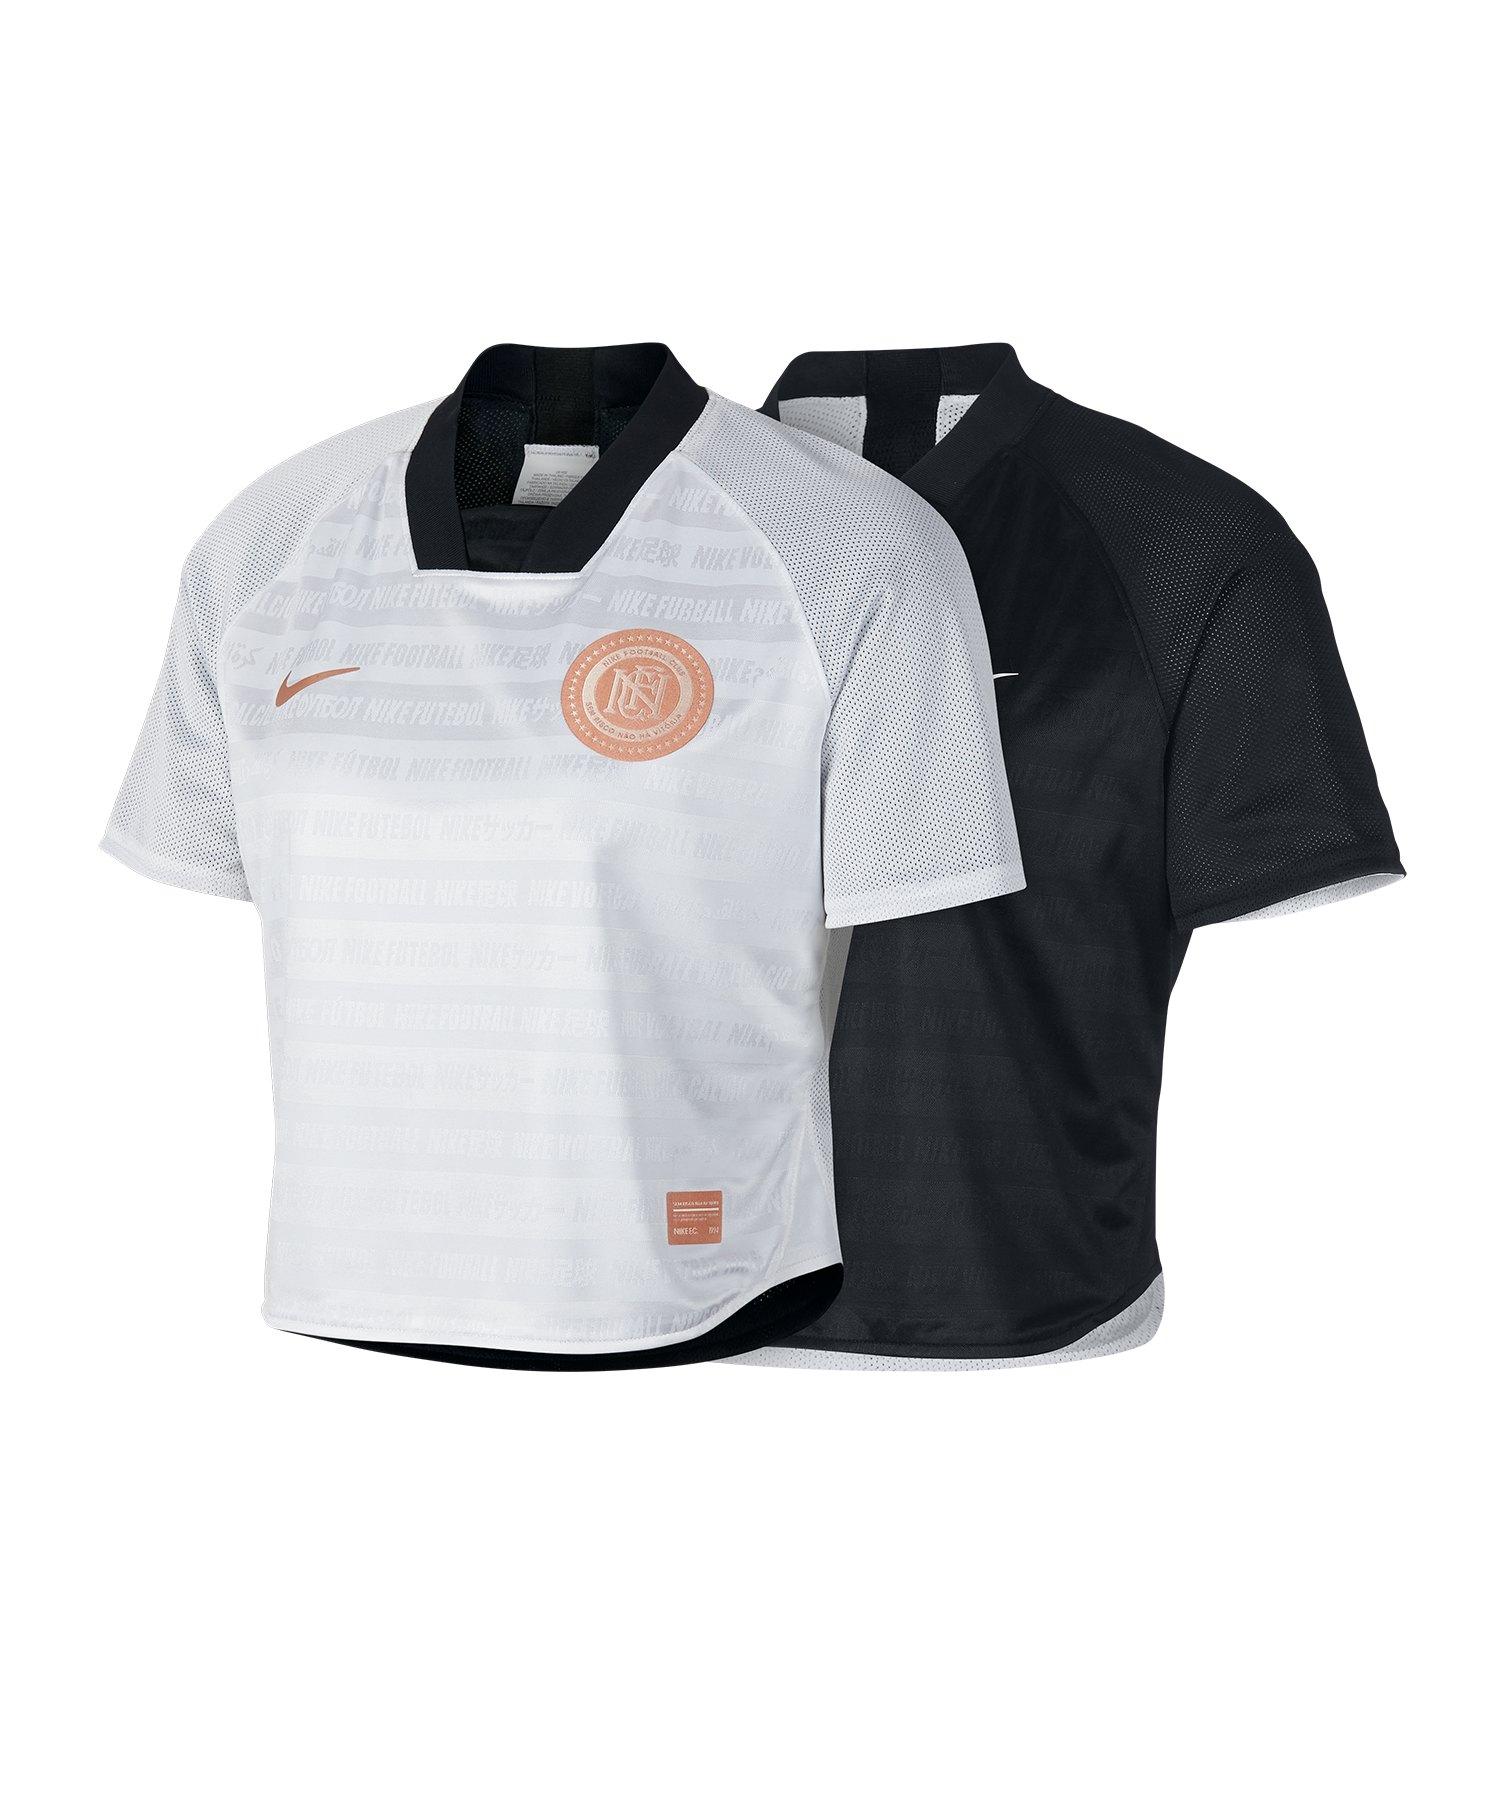 Nike F.C. Crop Top Damen Schwarz Weiss F010 - Schwarz